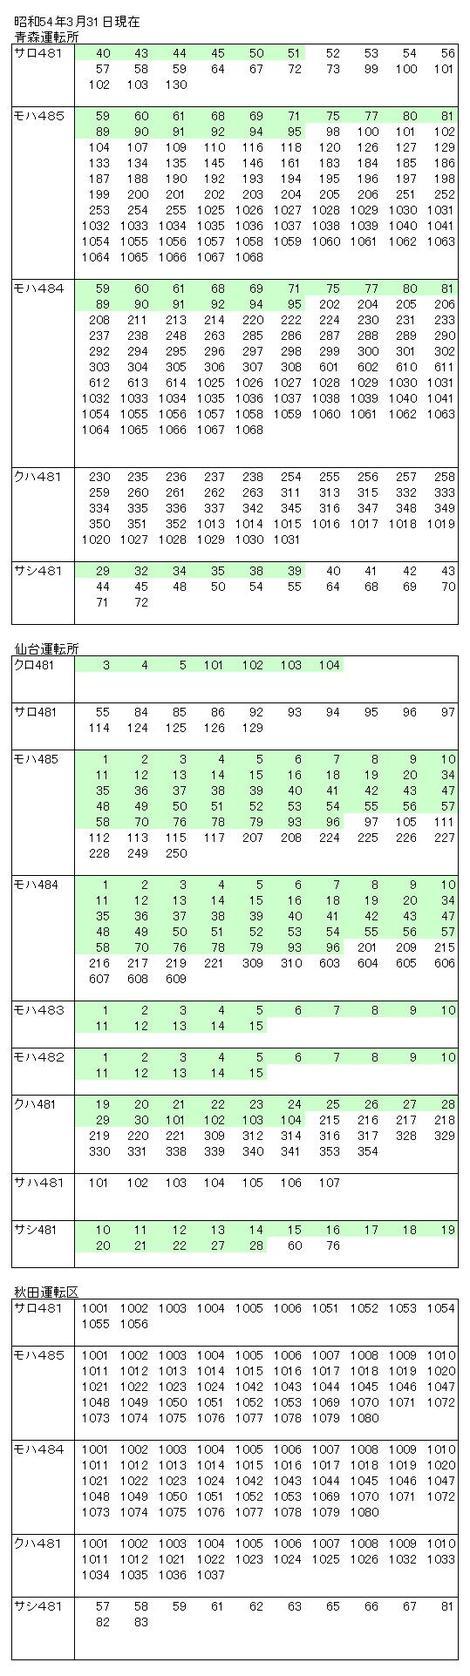 Haichi197903